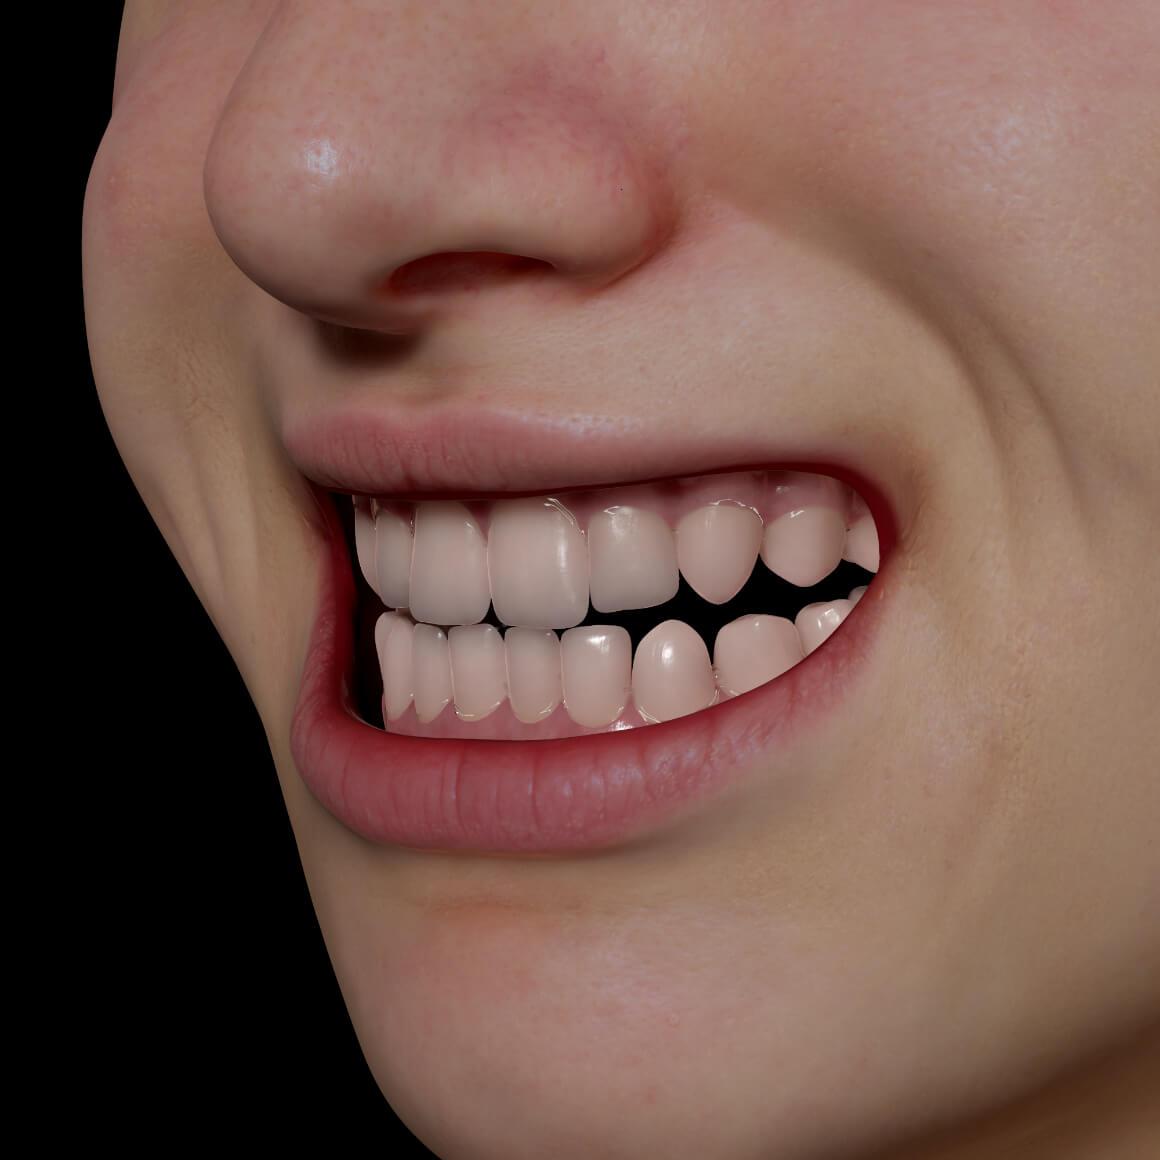 Sourire en angle d'une patiente de la Clinique Chloé avec des dents droites après un traitement d'alignement dentaire Invisalign